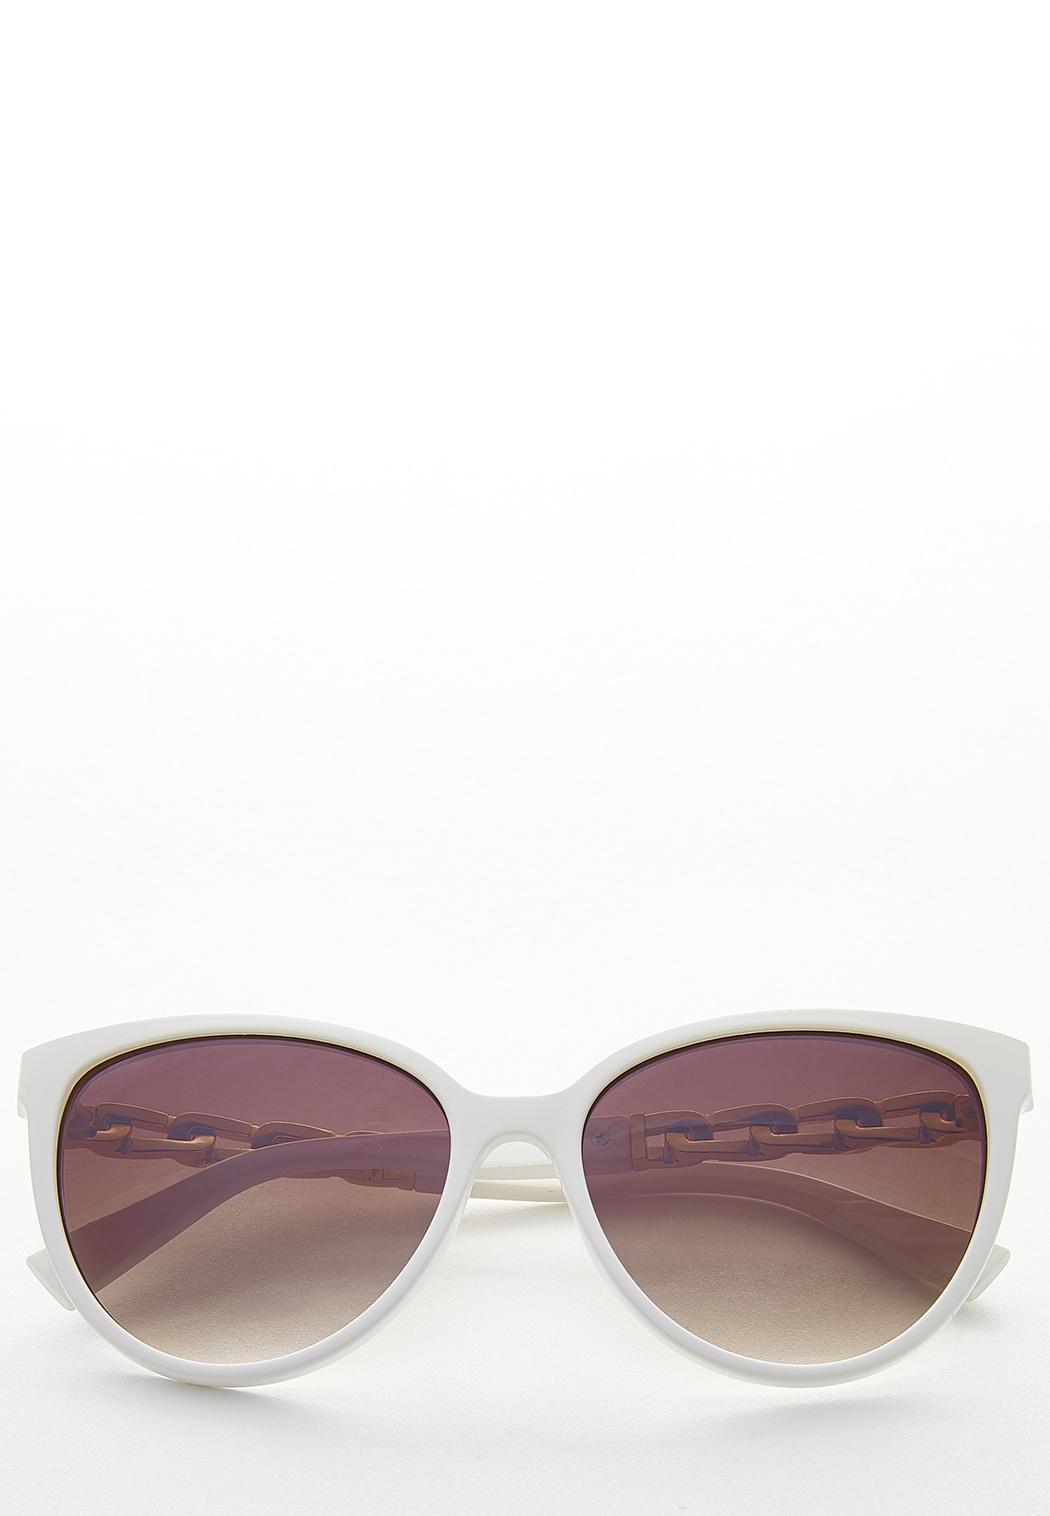 Chain Arm White Sunglasses